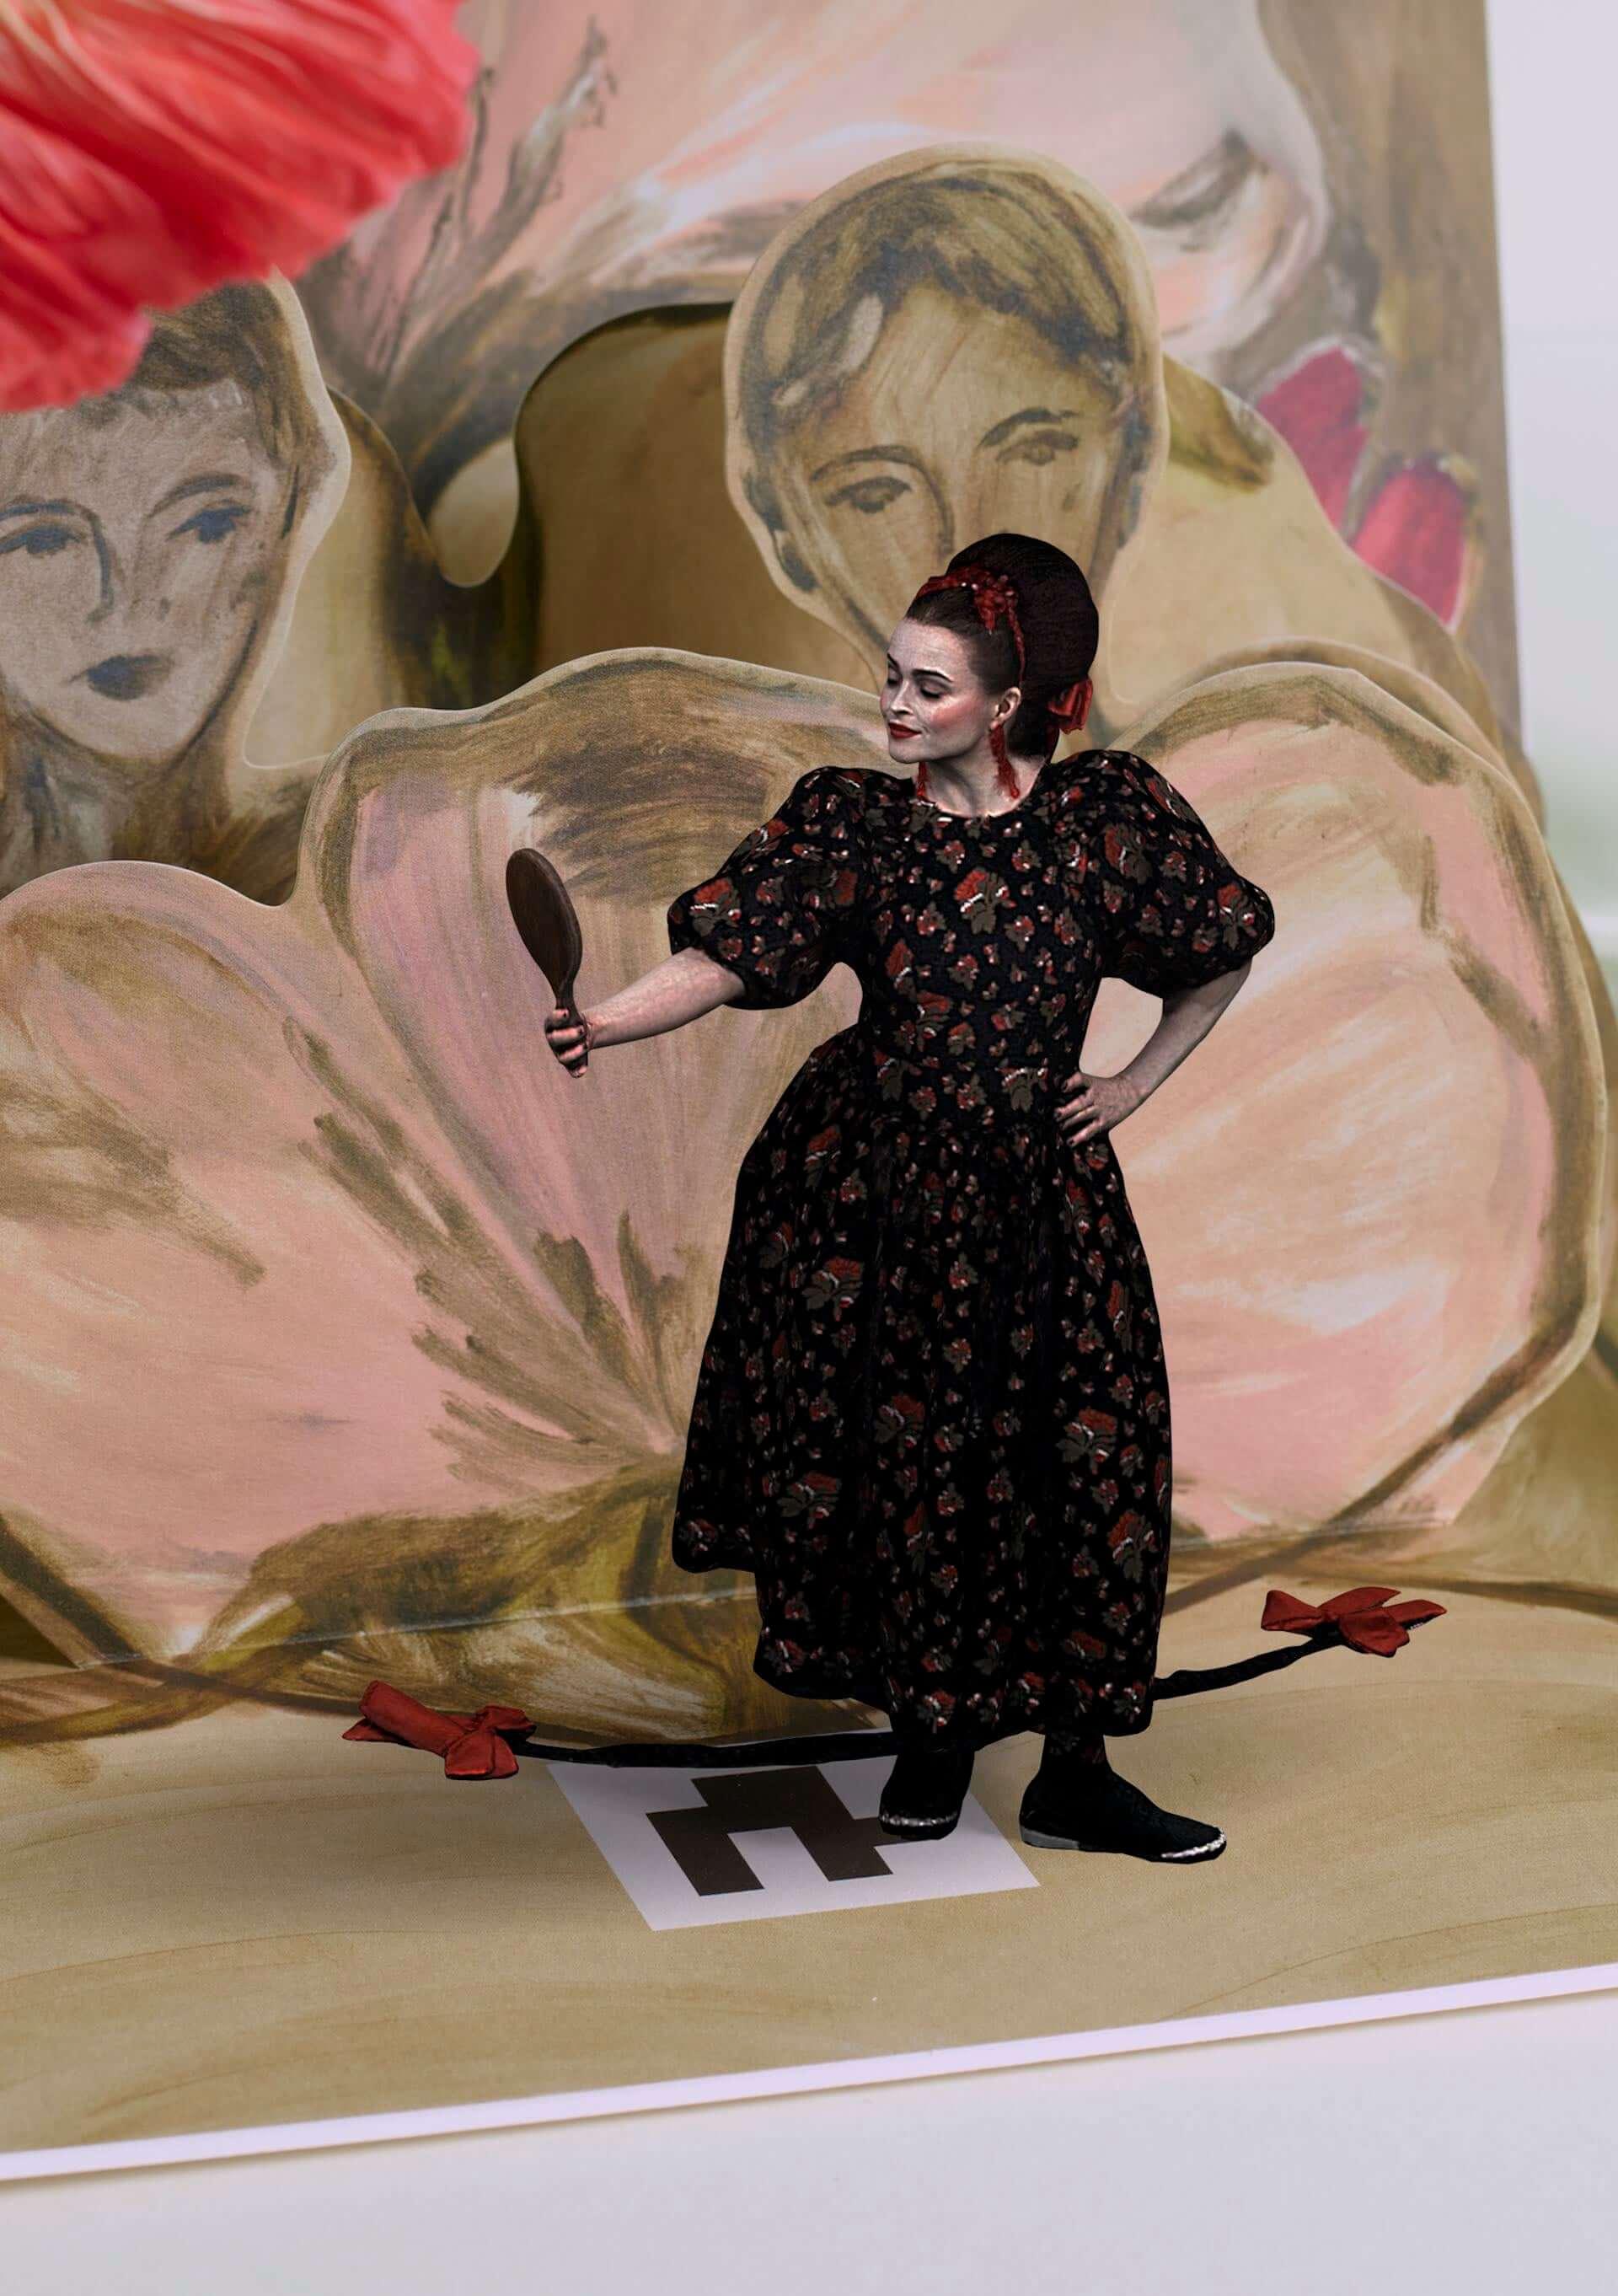 H&Mとシモーン・ロシャのコラボコレクションが登場!発売記念のARポップアップ・ブックにはヘレナ・ボナム・カーターらが参加 lf210310_handm_3-1920x2724